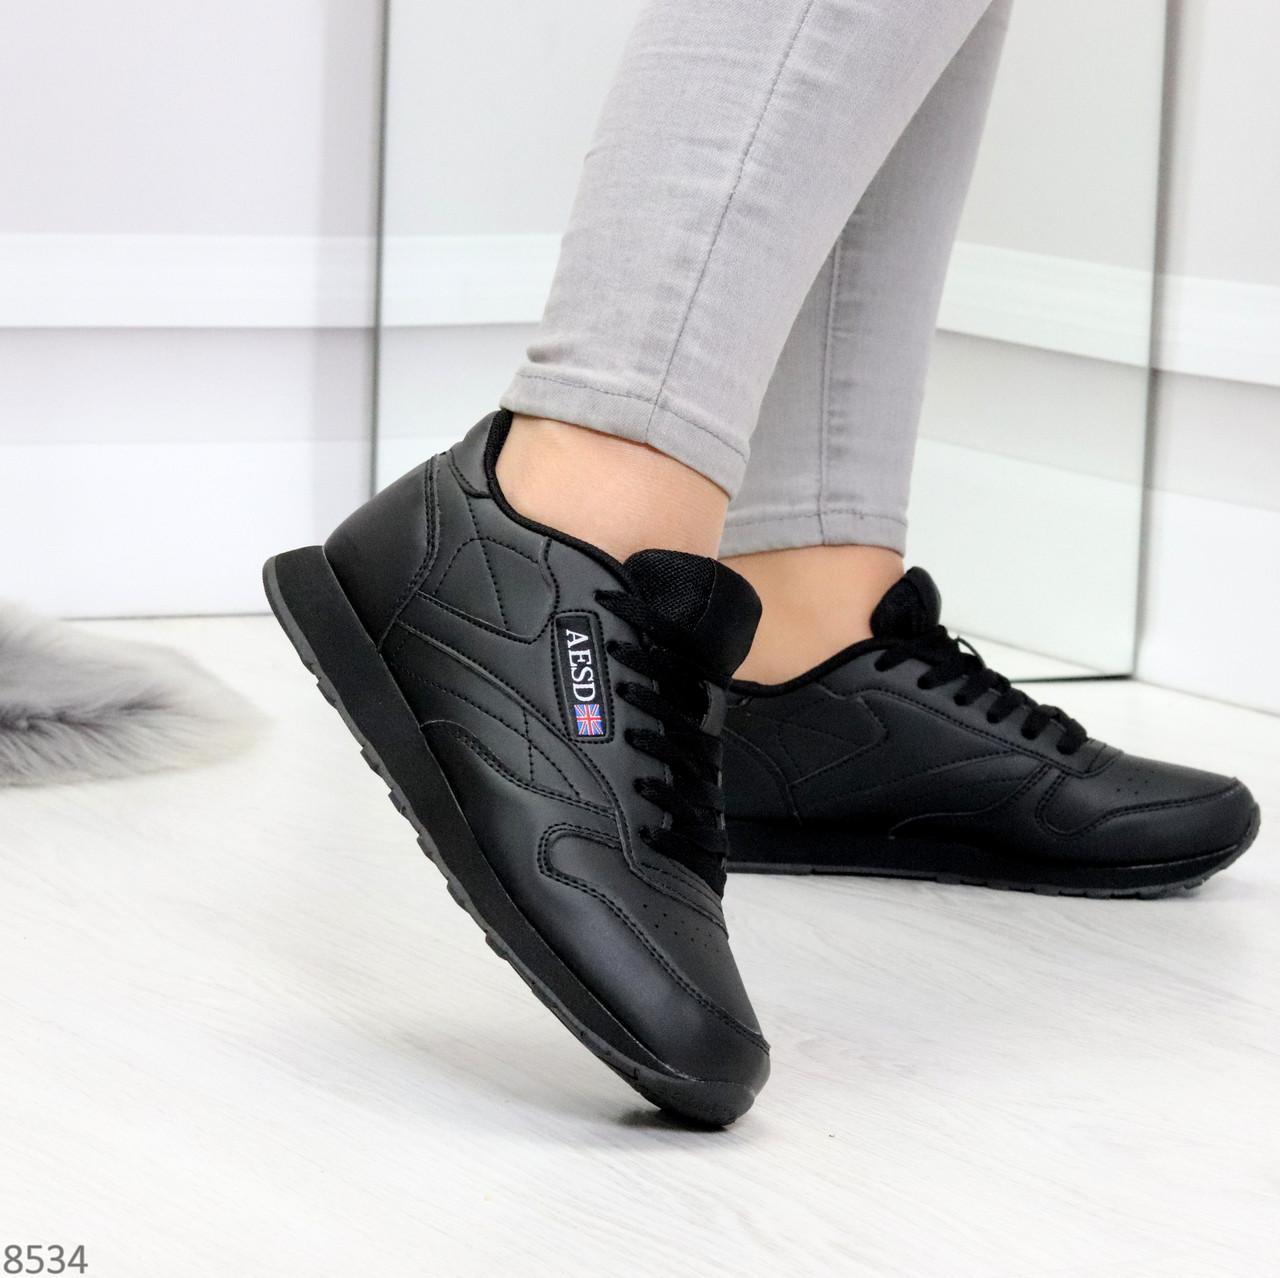 Удобные молодежные черные женские кроссовки на каждый день